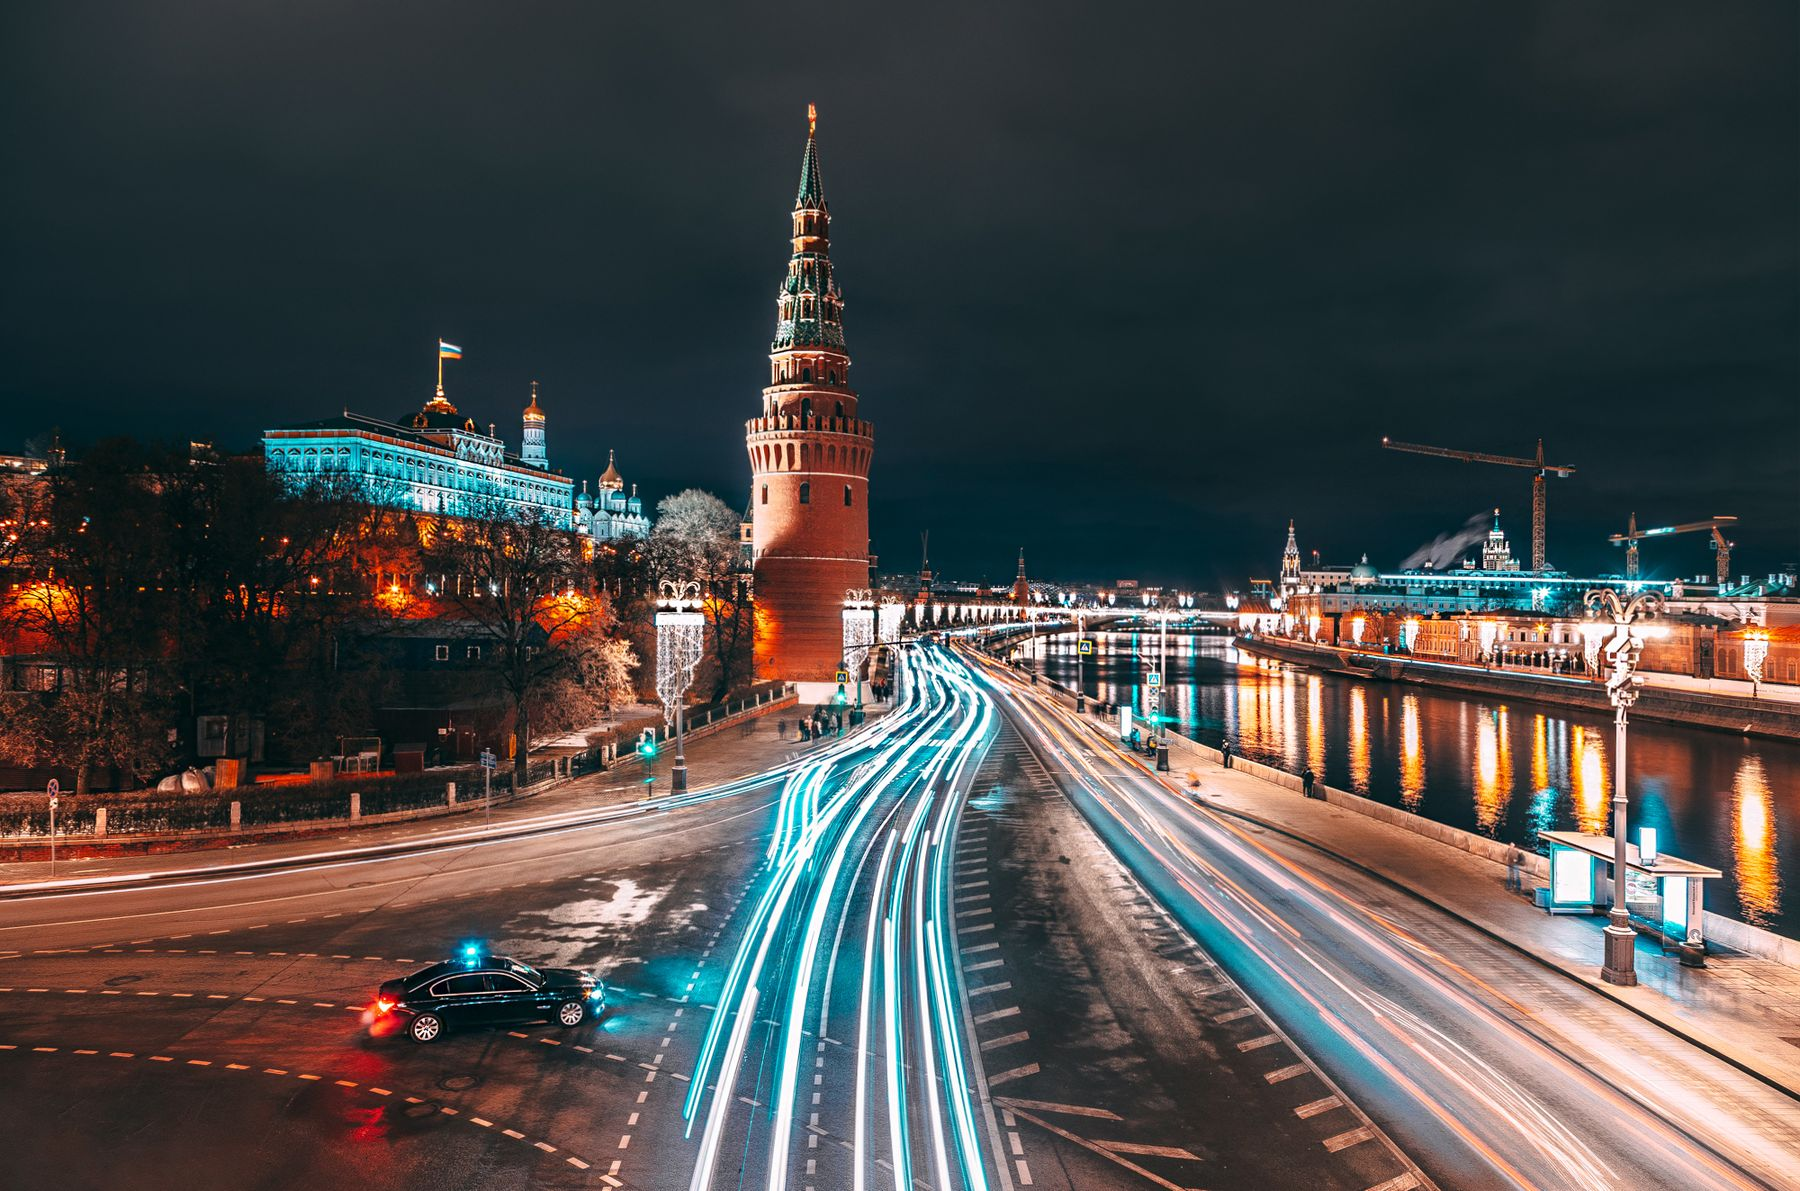 Пустите меня в поток я буду себя хорошо вести Москва урбан индастриал moscow